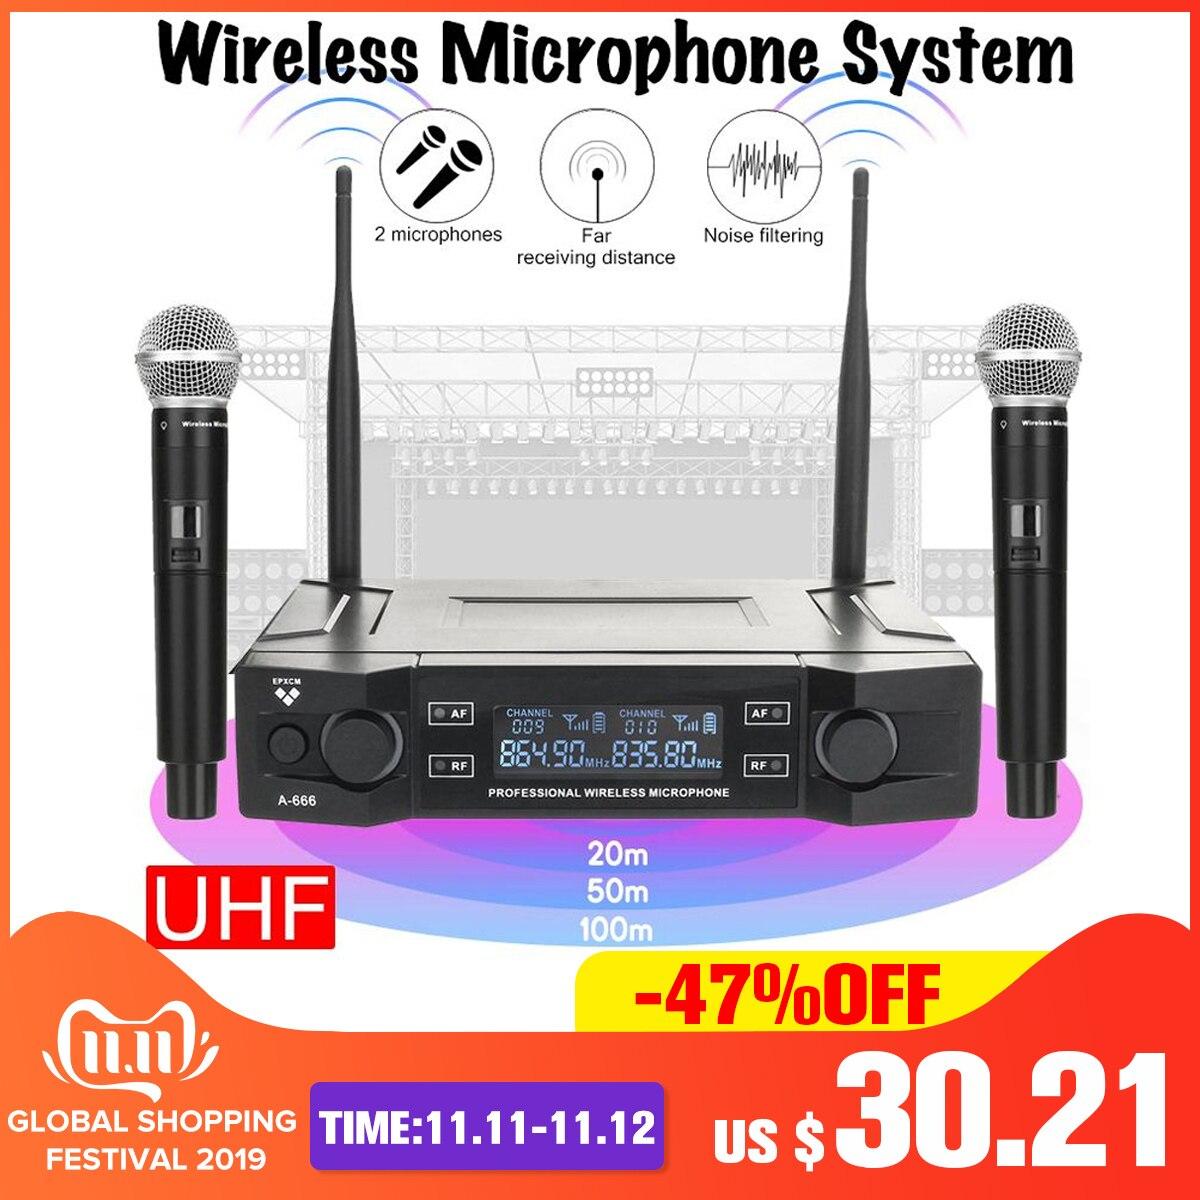 Système de Microphone sans fil professionnel UHF 2 canaux 2 micro portable sans fil Kraoke fournitures de fête vocale Microphone cardioïde